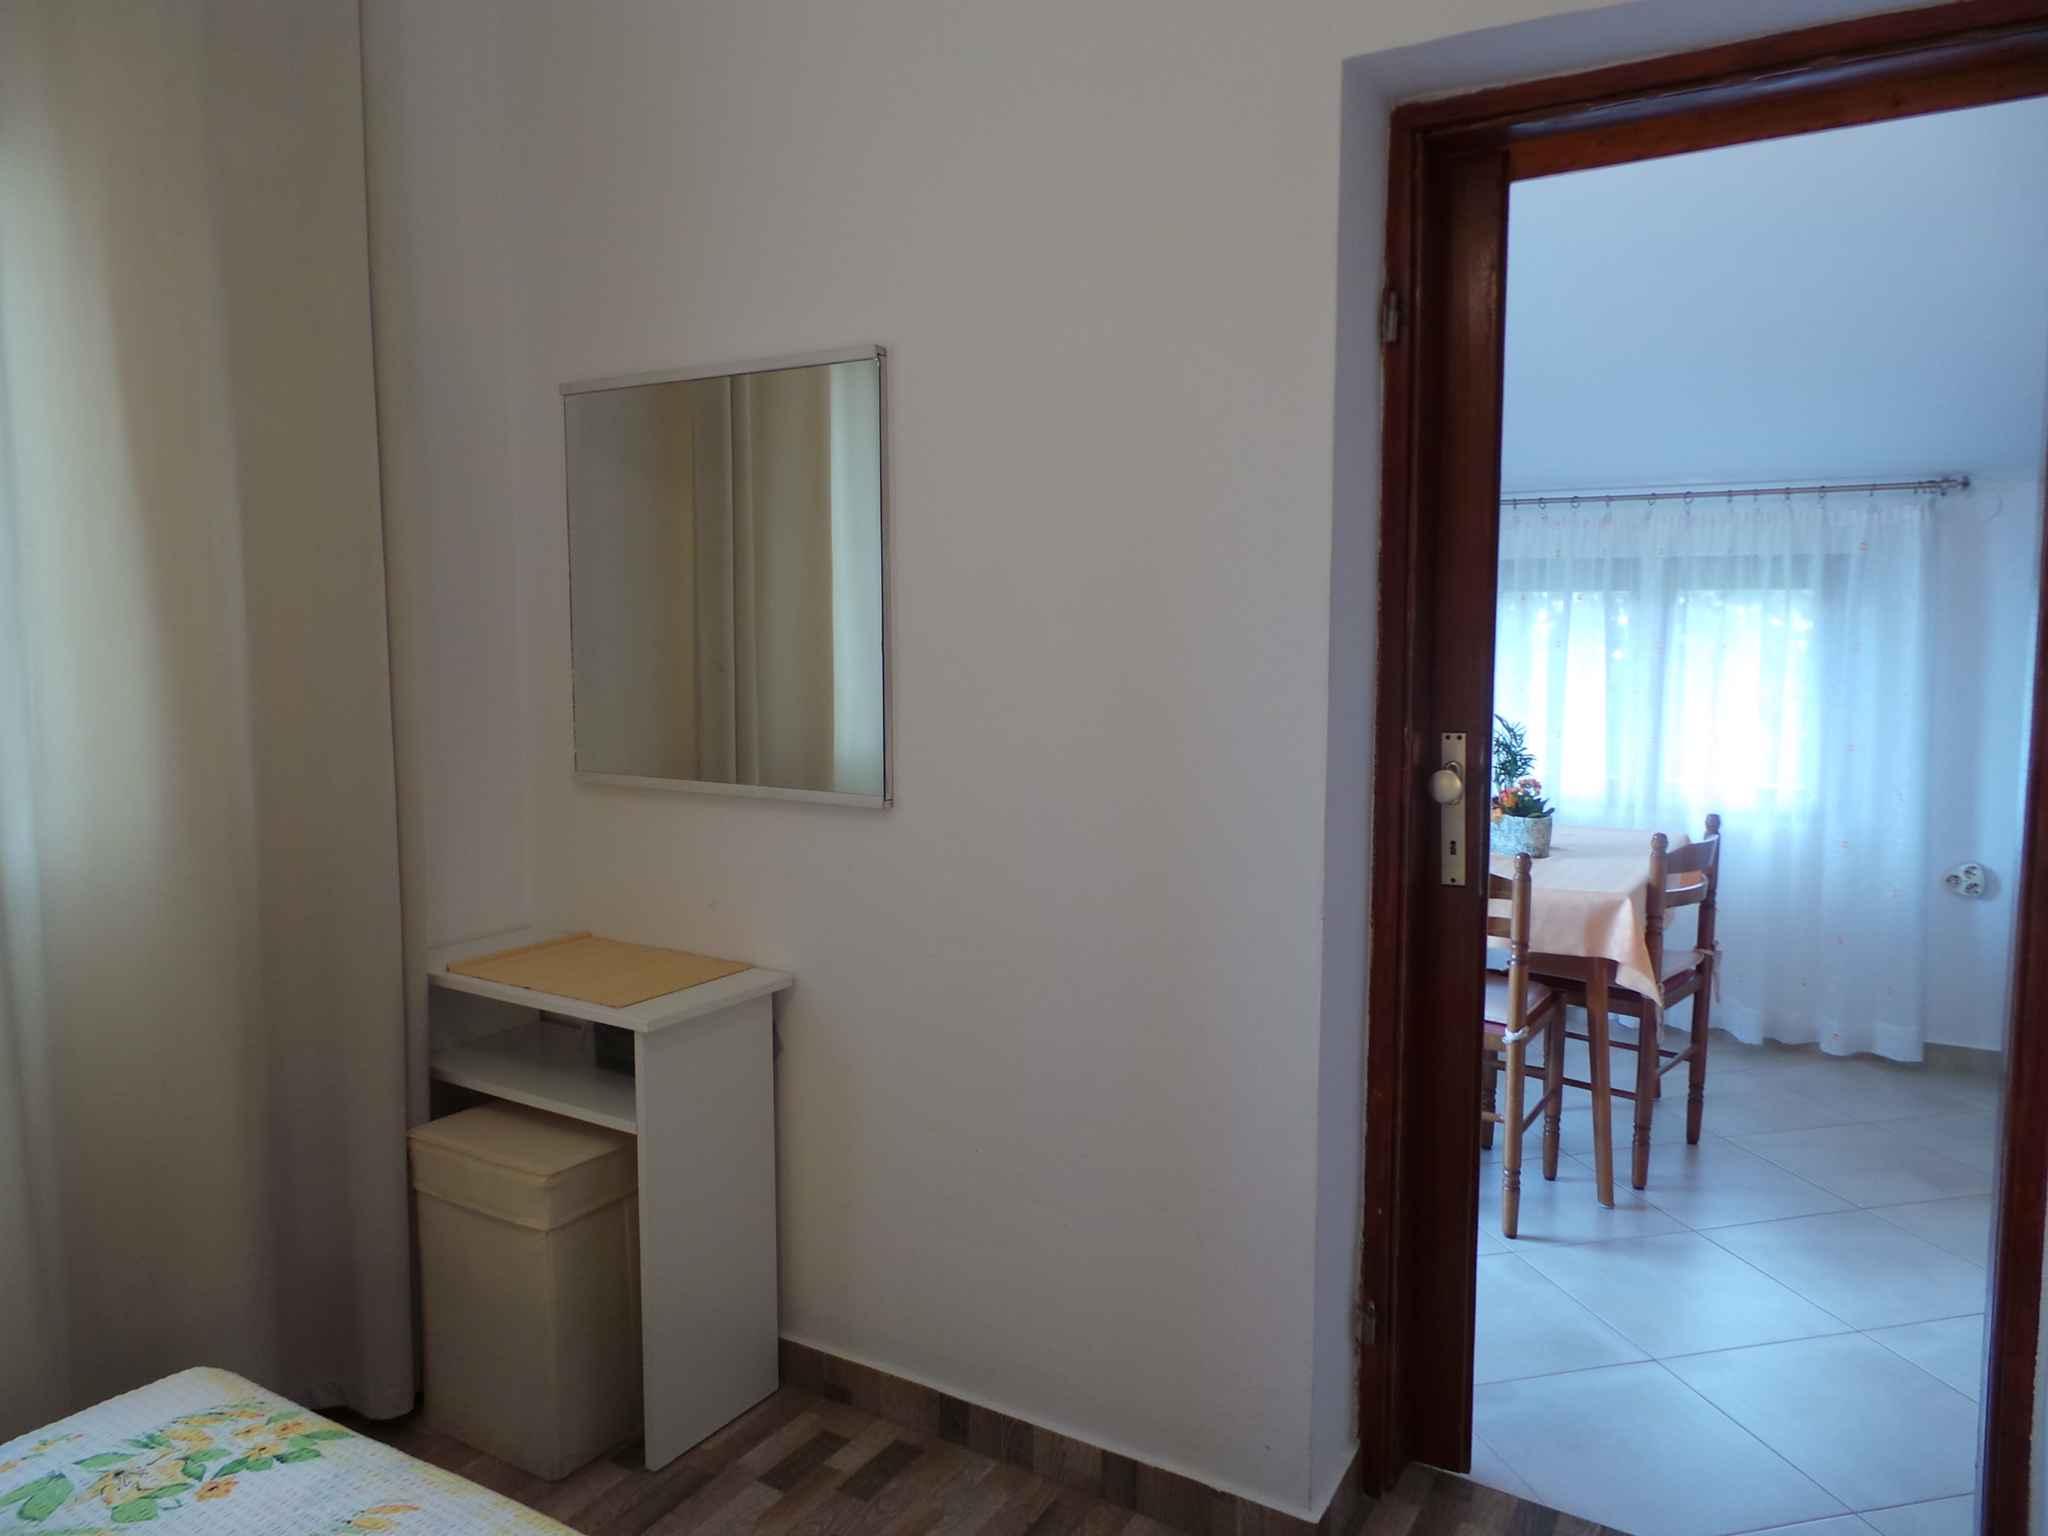 Ferienwohnung sa internetom (280324), Porec, , Istrien, Kroatien, Bild 14